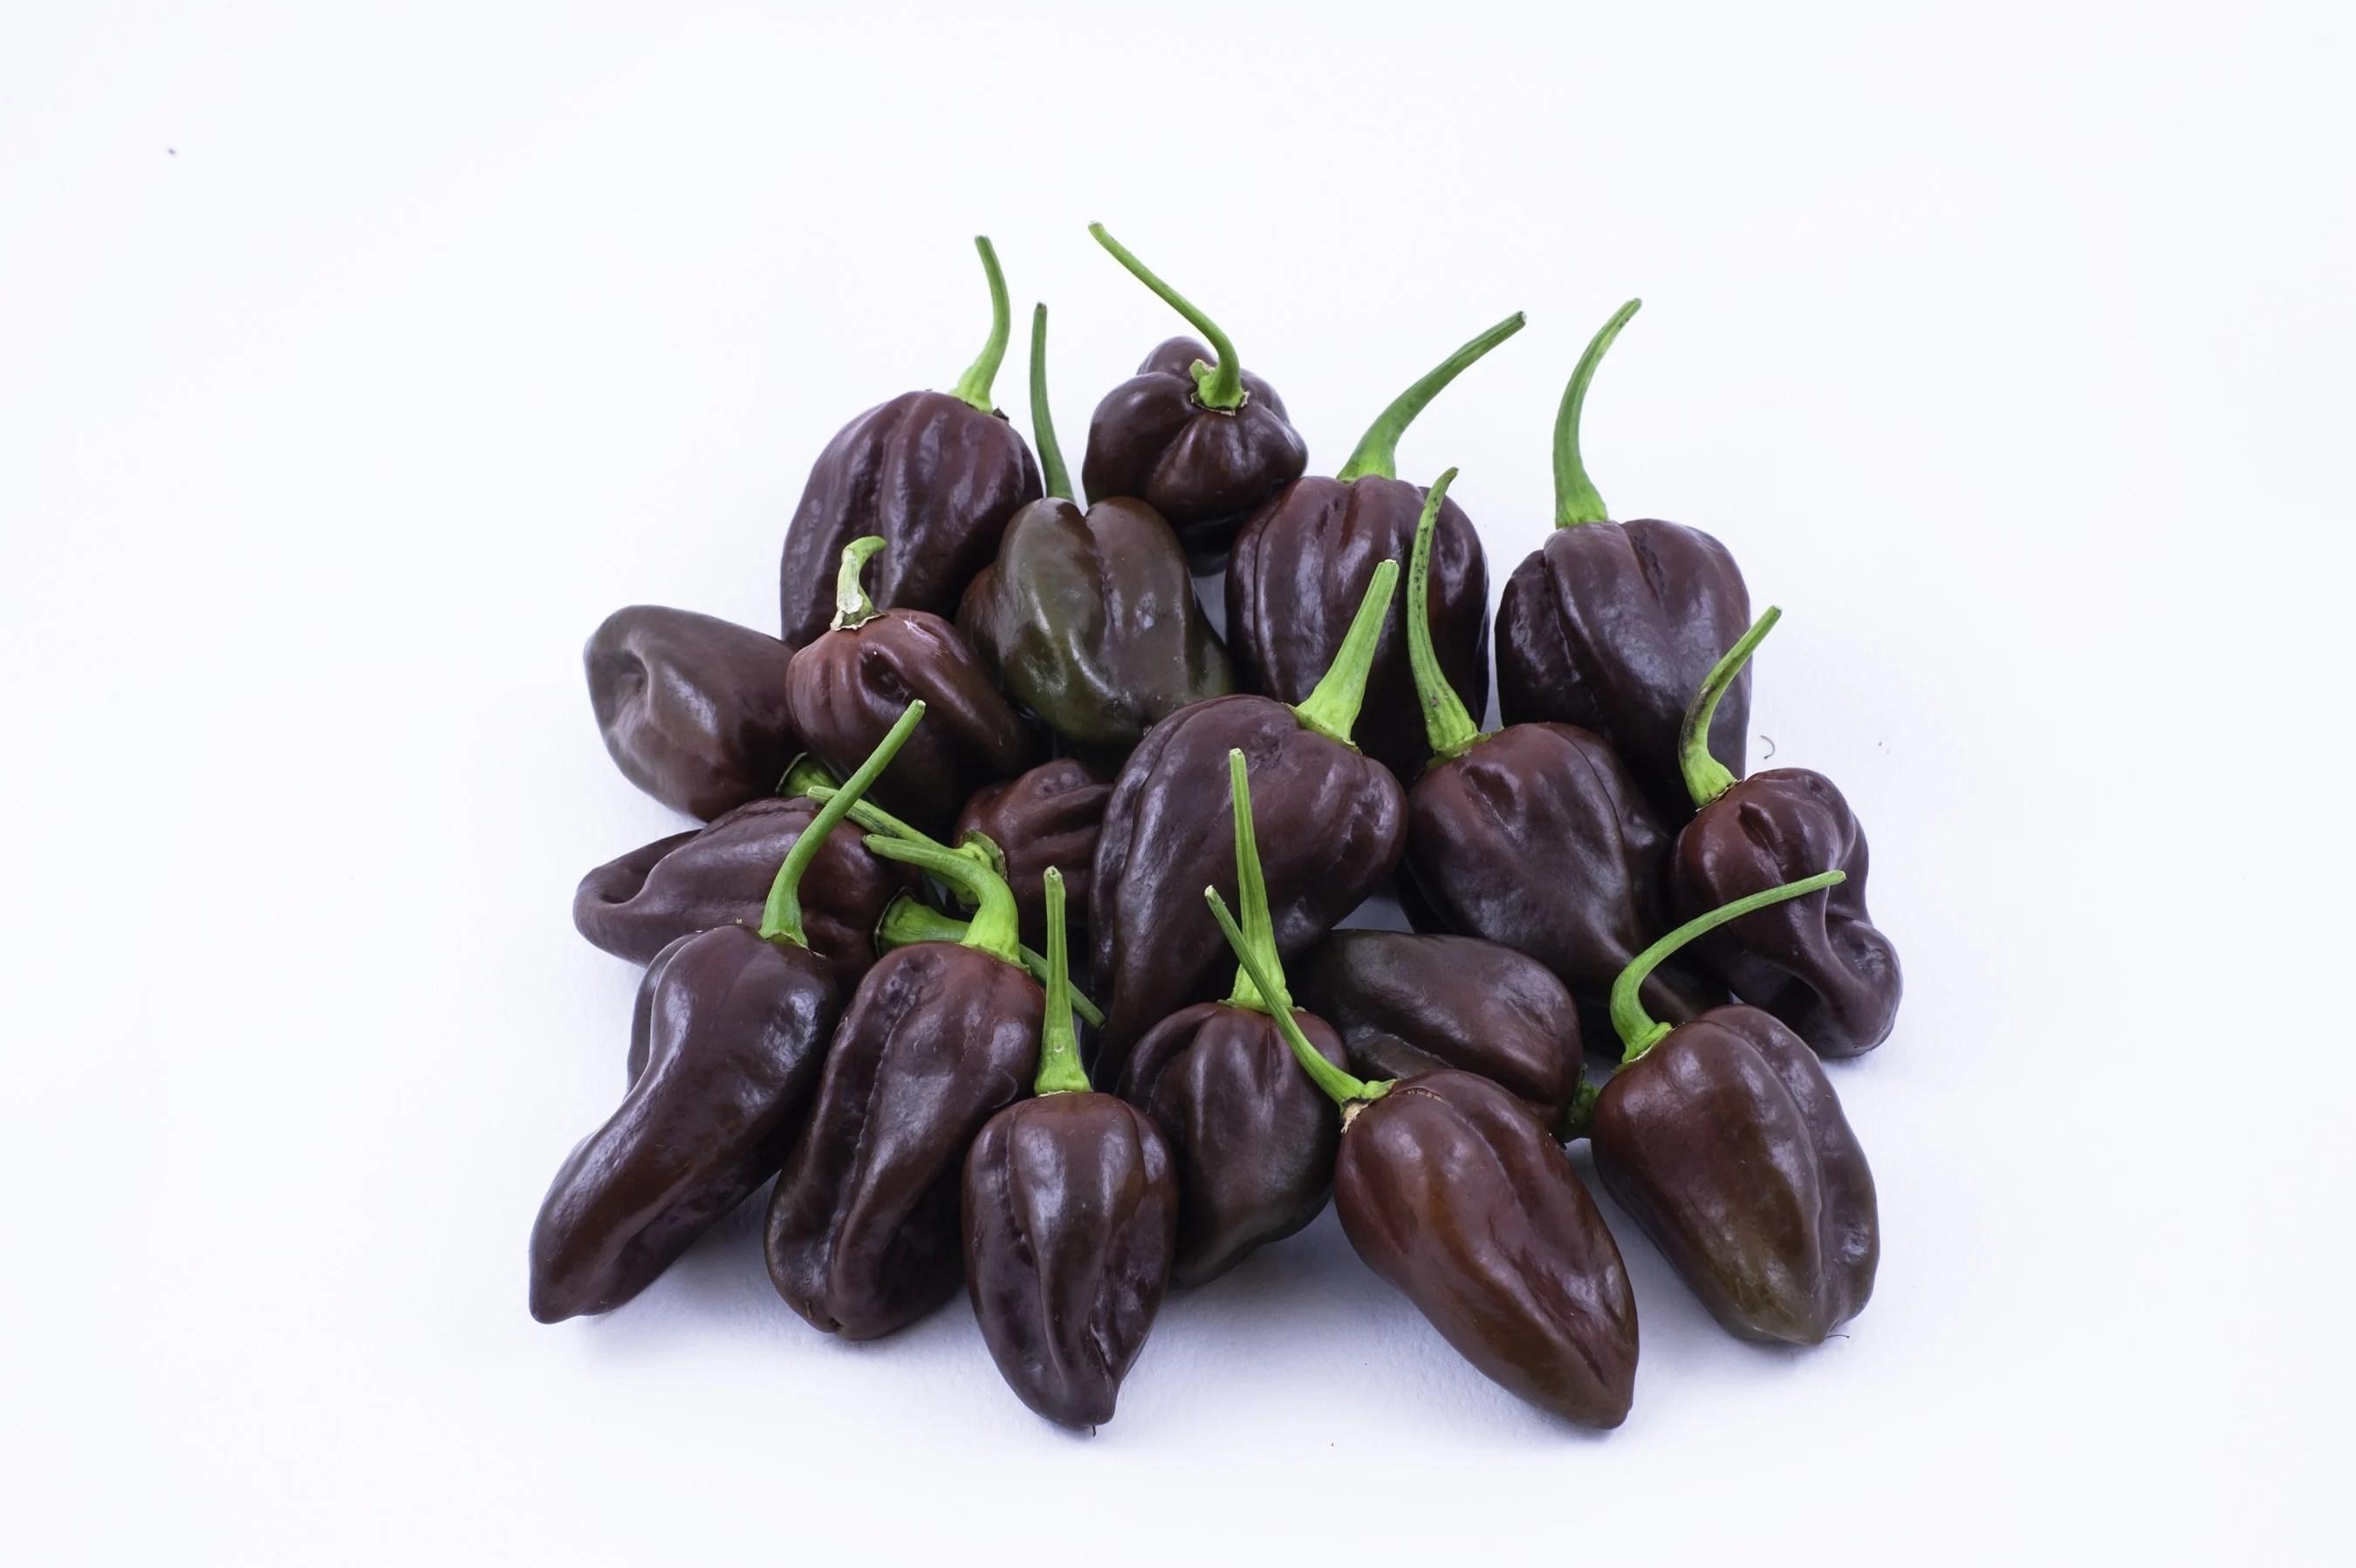 chocolate habanero peppers